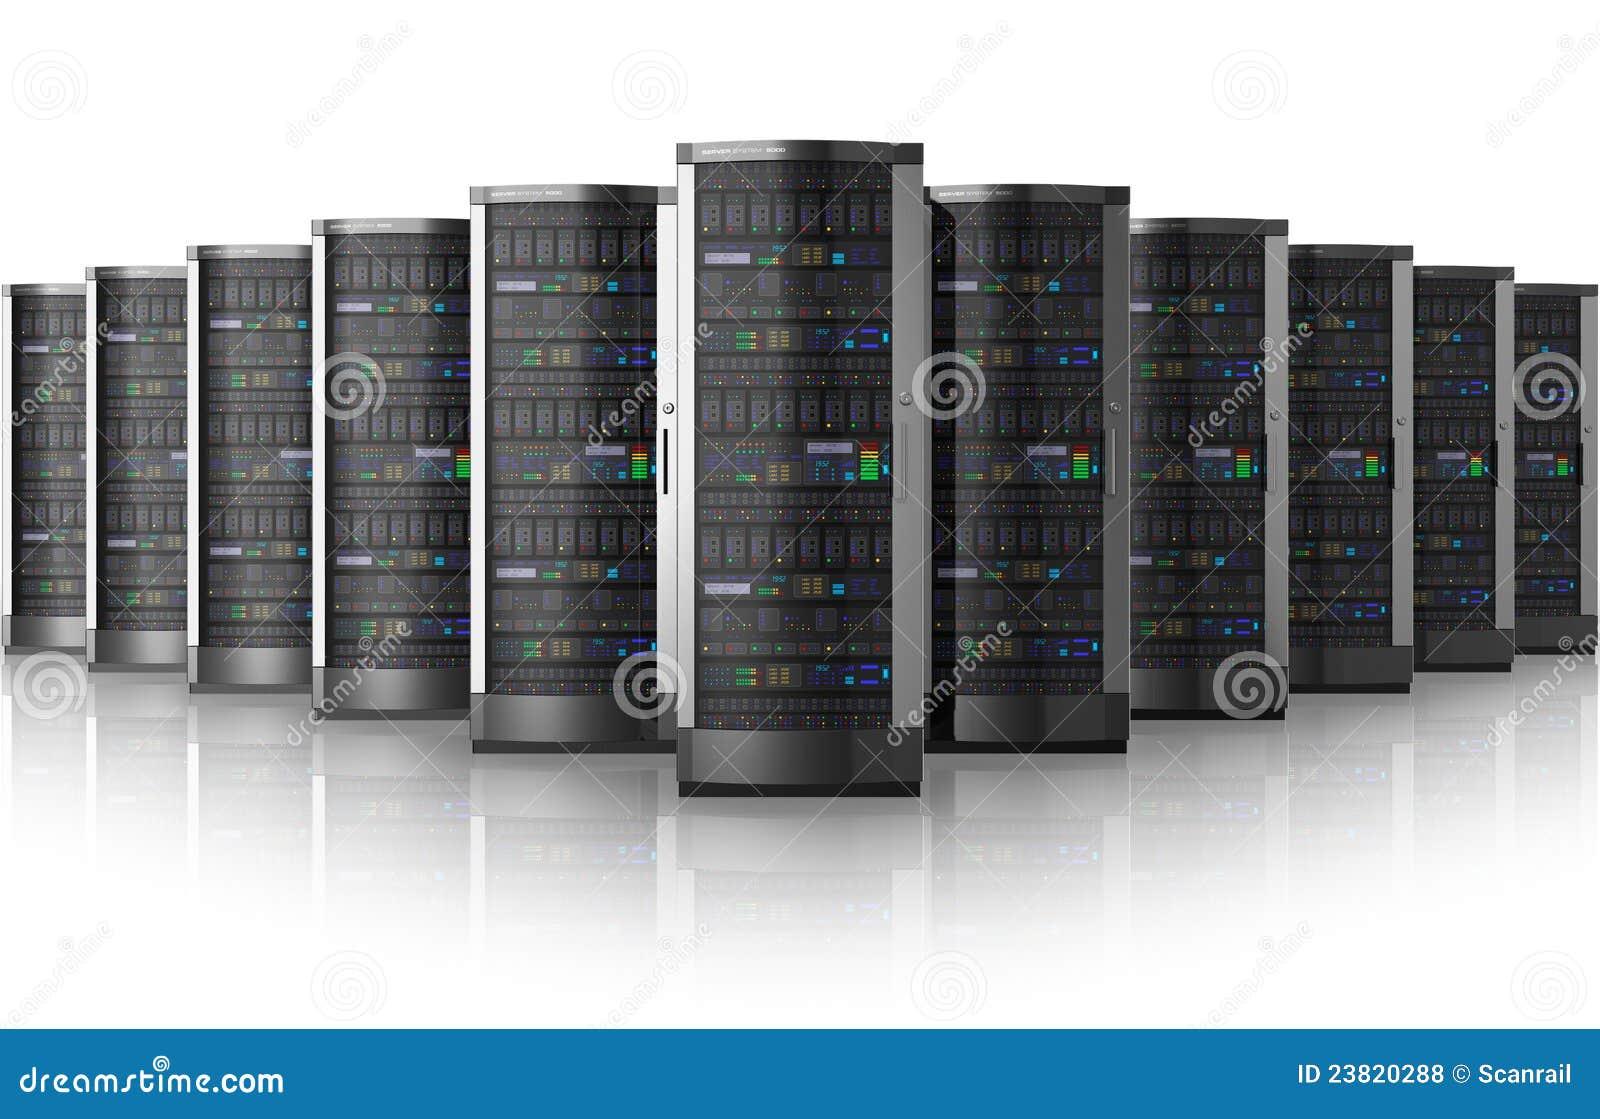 κεντρικοί υπολογιστές σειρών κεντρικών δικτύων δεδομένων